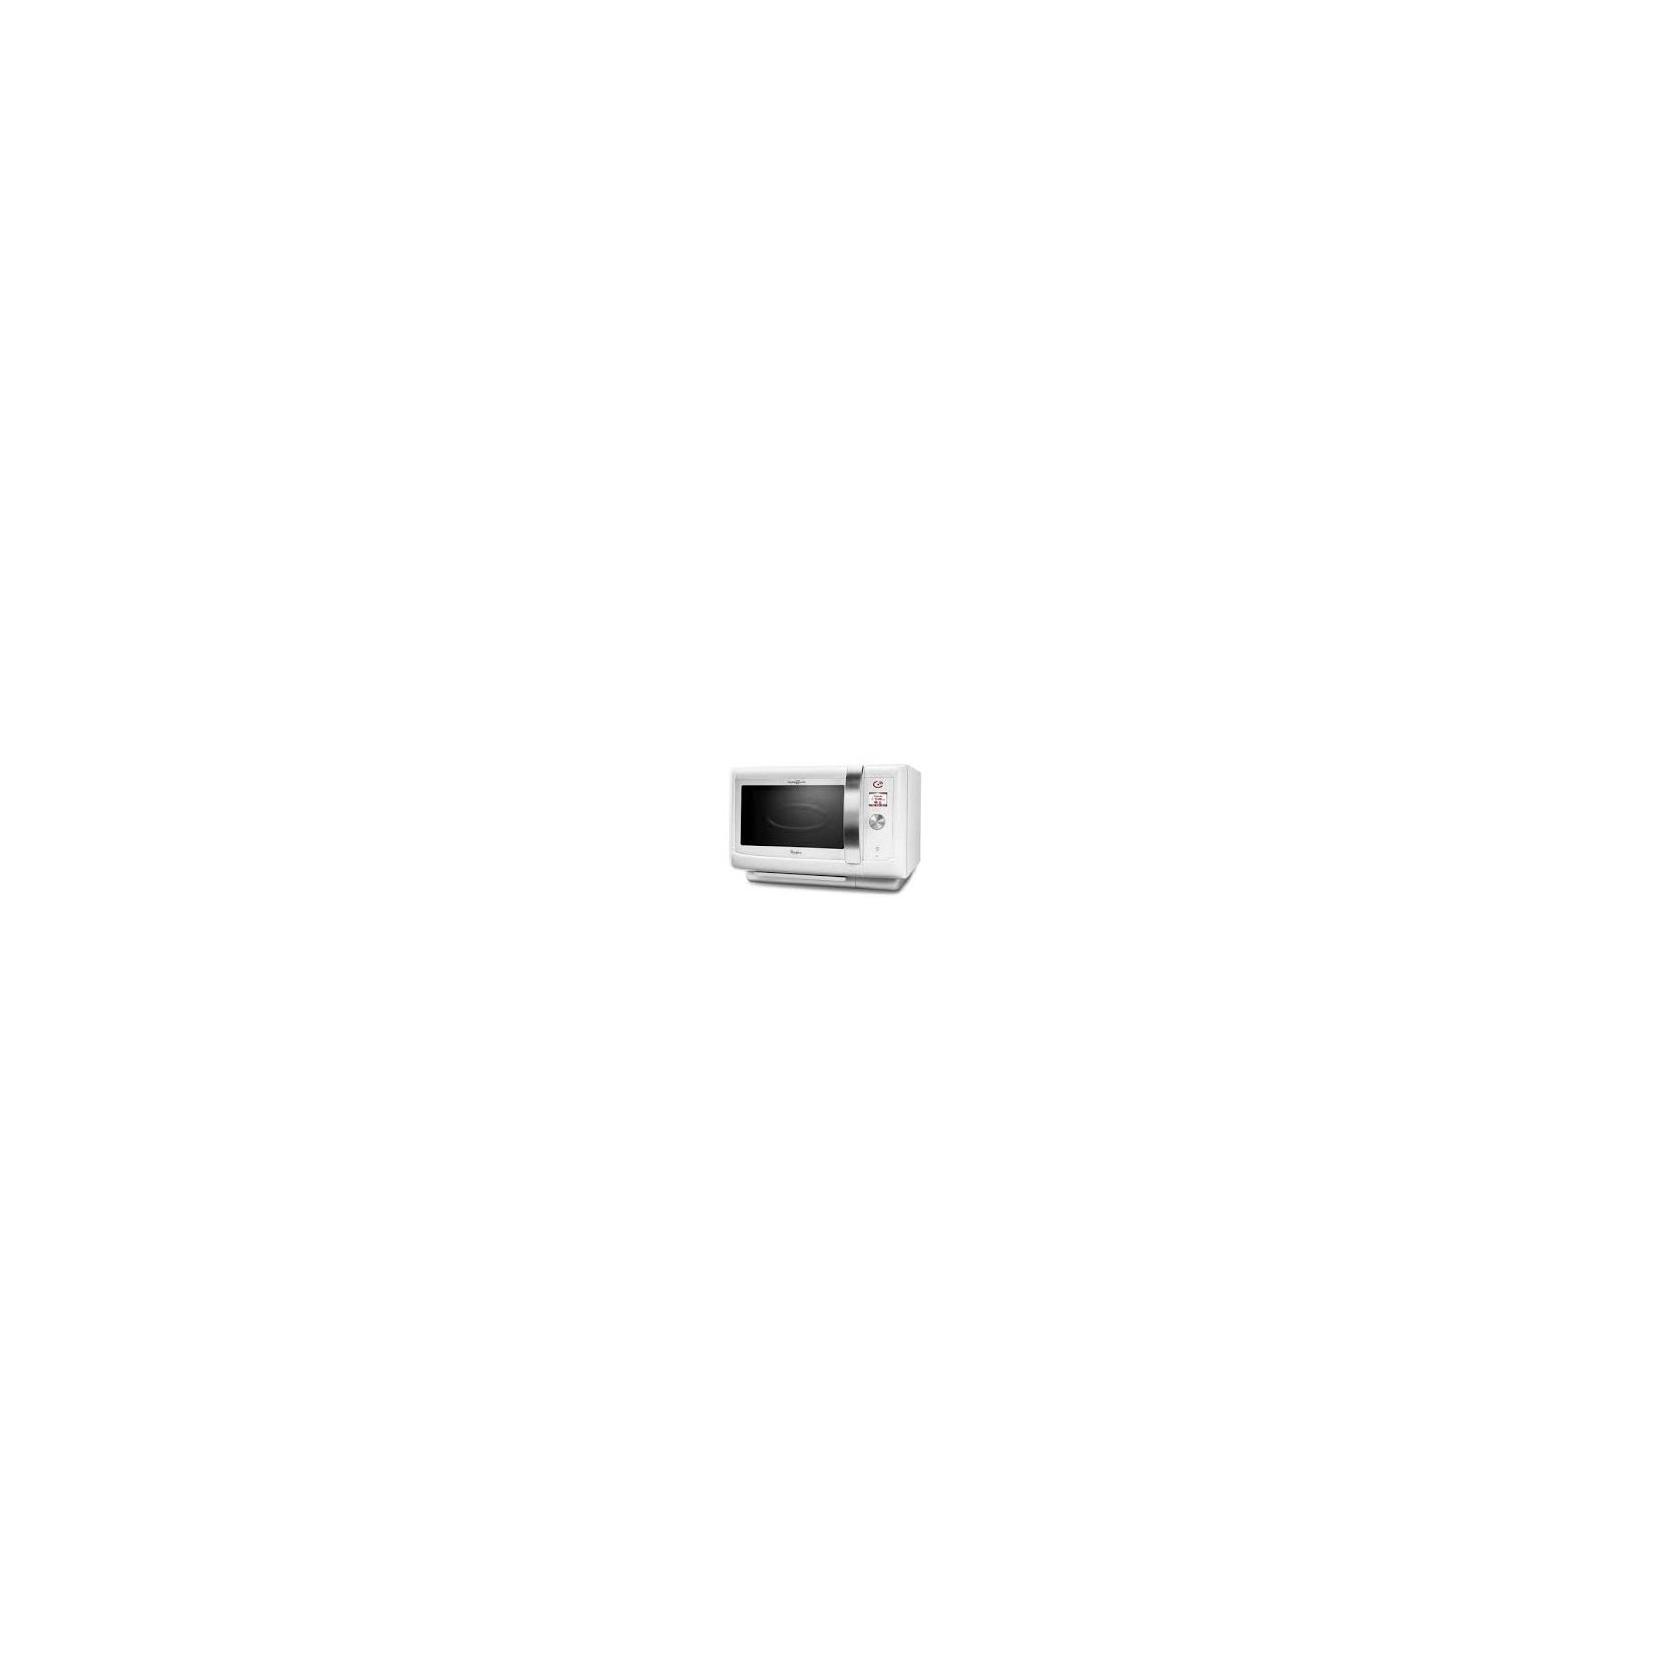 Forno a microonde whirlpool cb15wh 29 lt bianco garanzia italia elettrovillage - Cucina barilla whirlpool ...